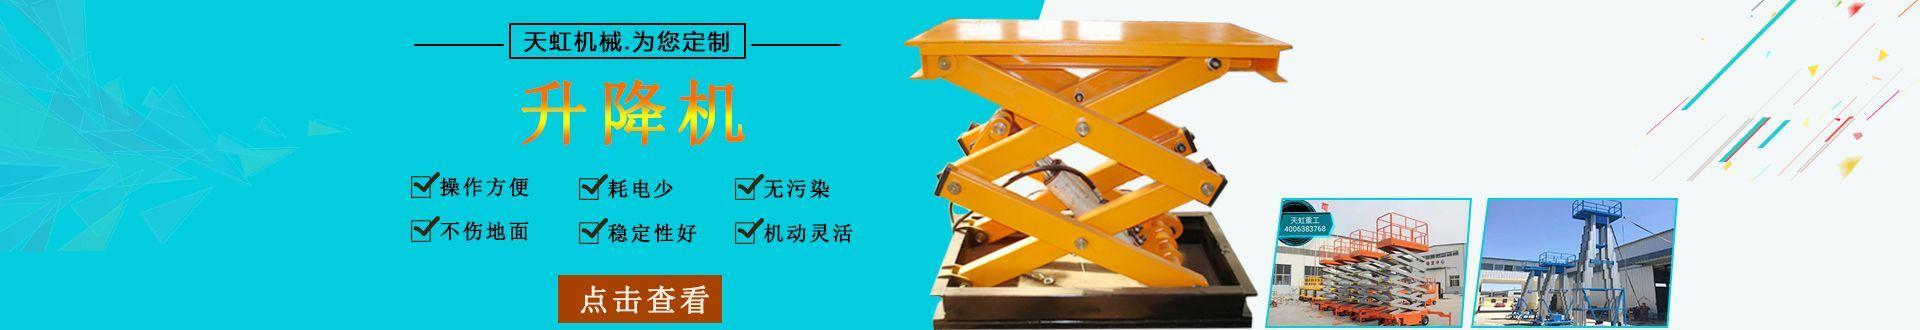 济南天虹机械制造有限公司分公司